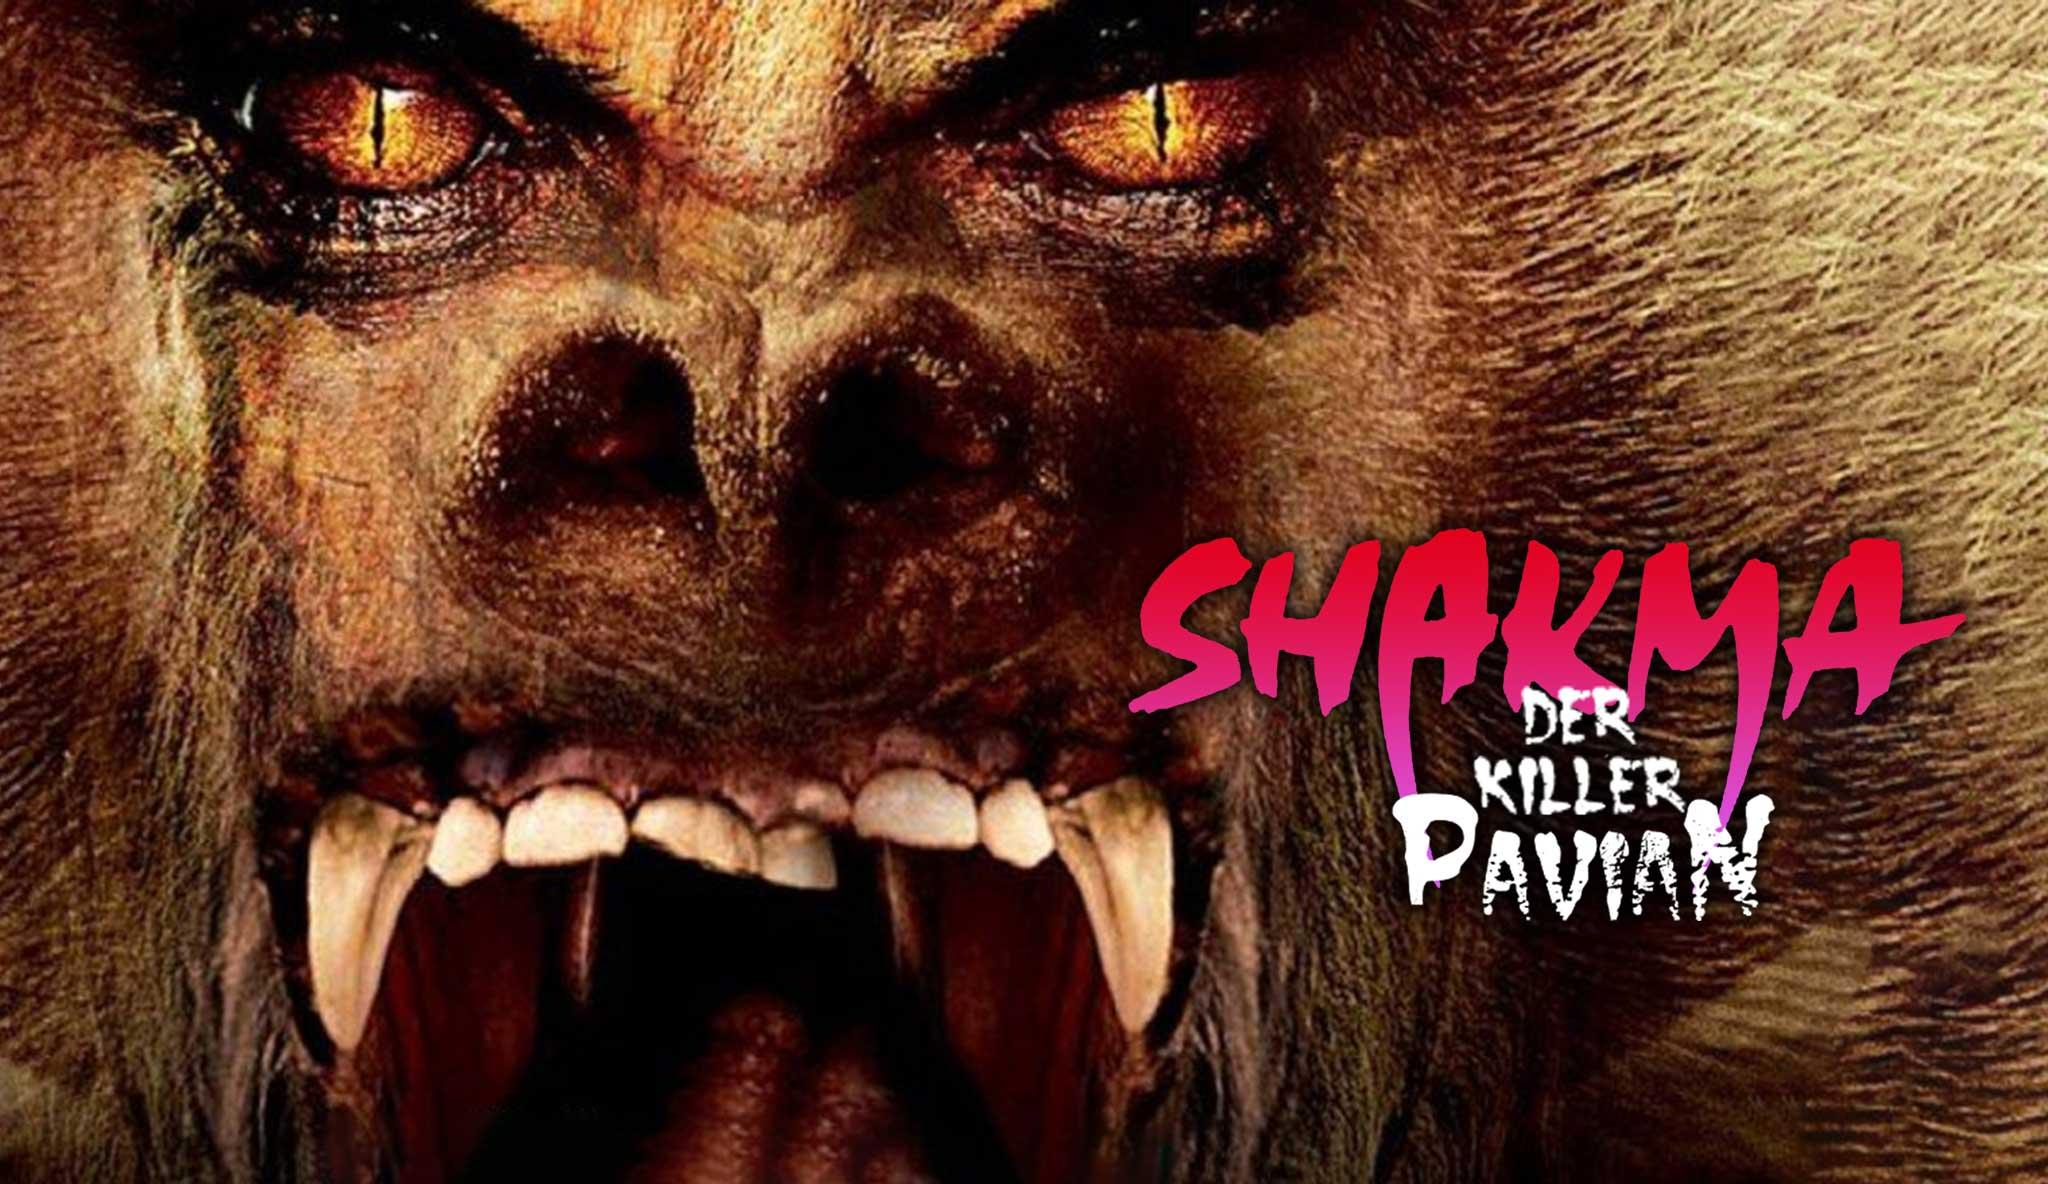 shakma-der-killer-pavian\header.jpg